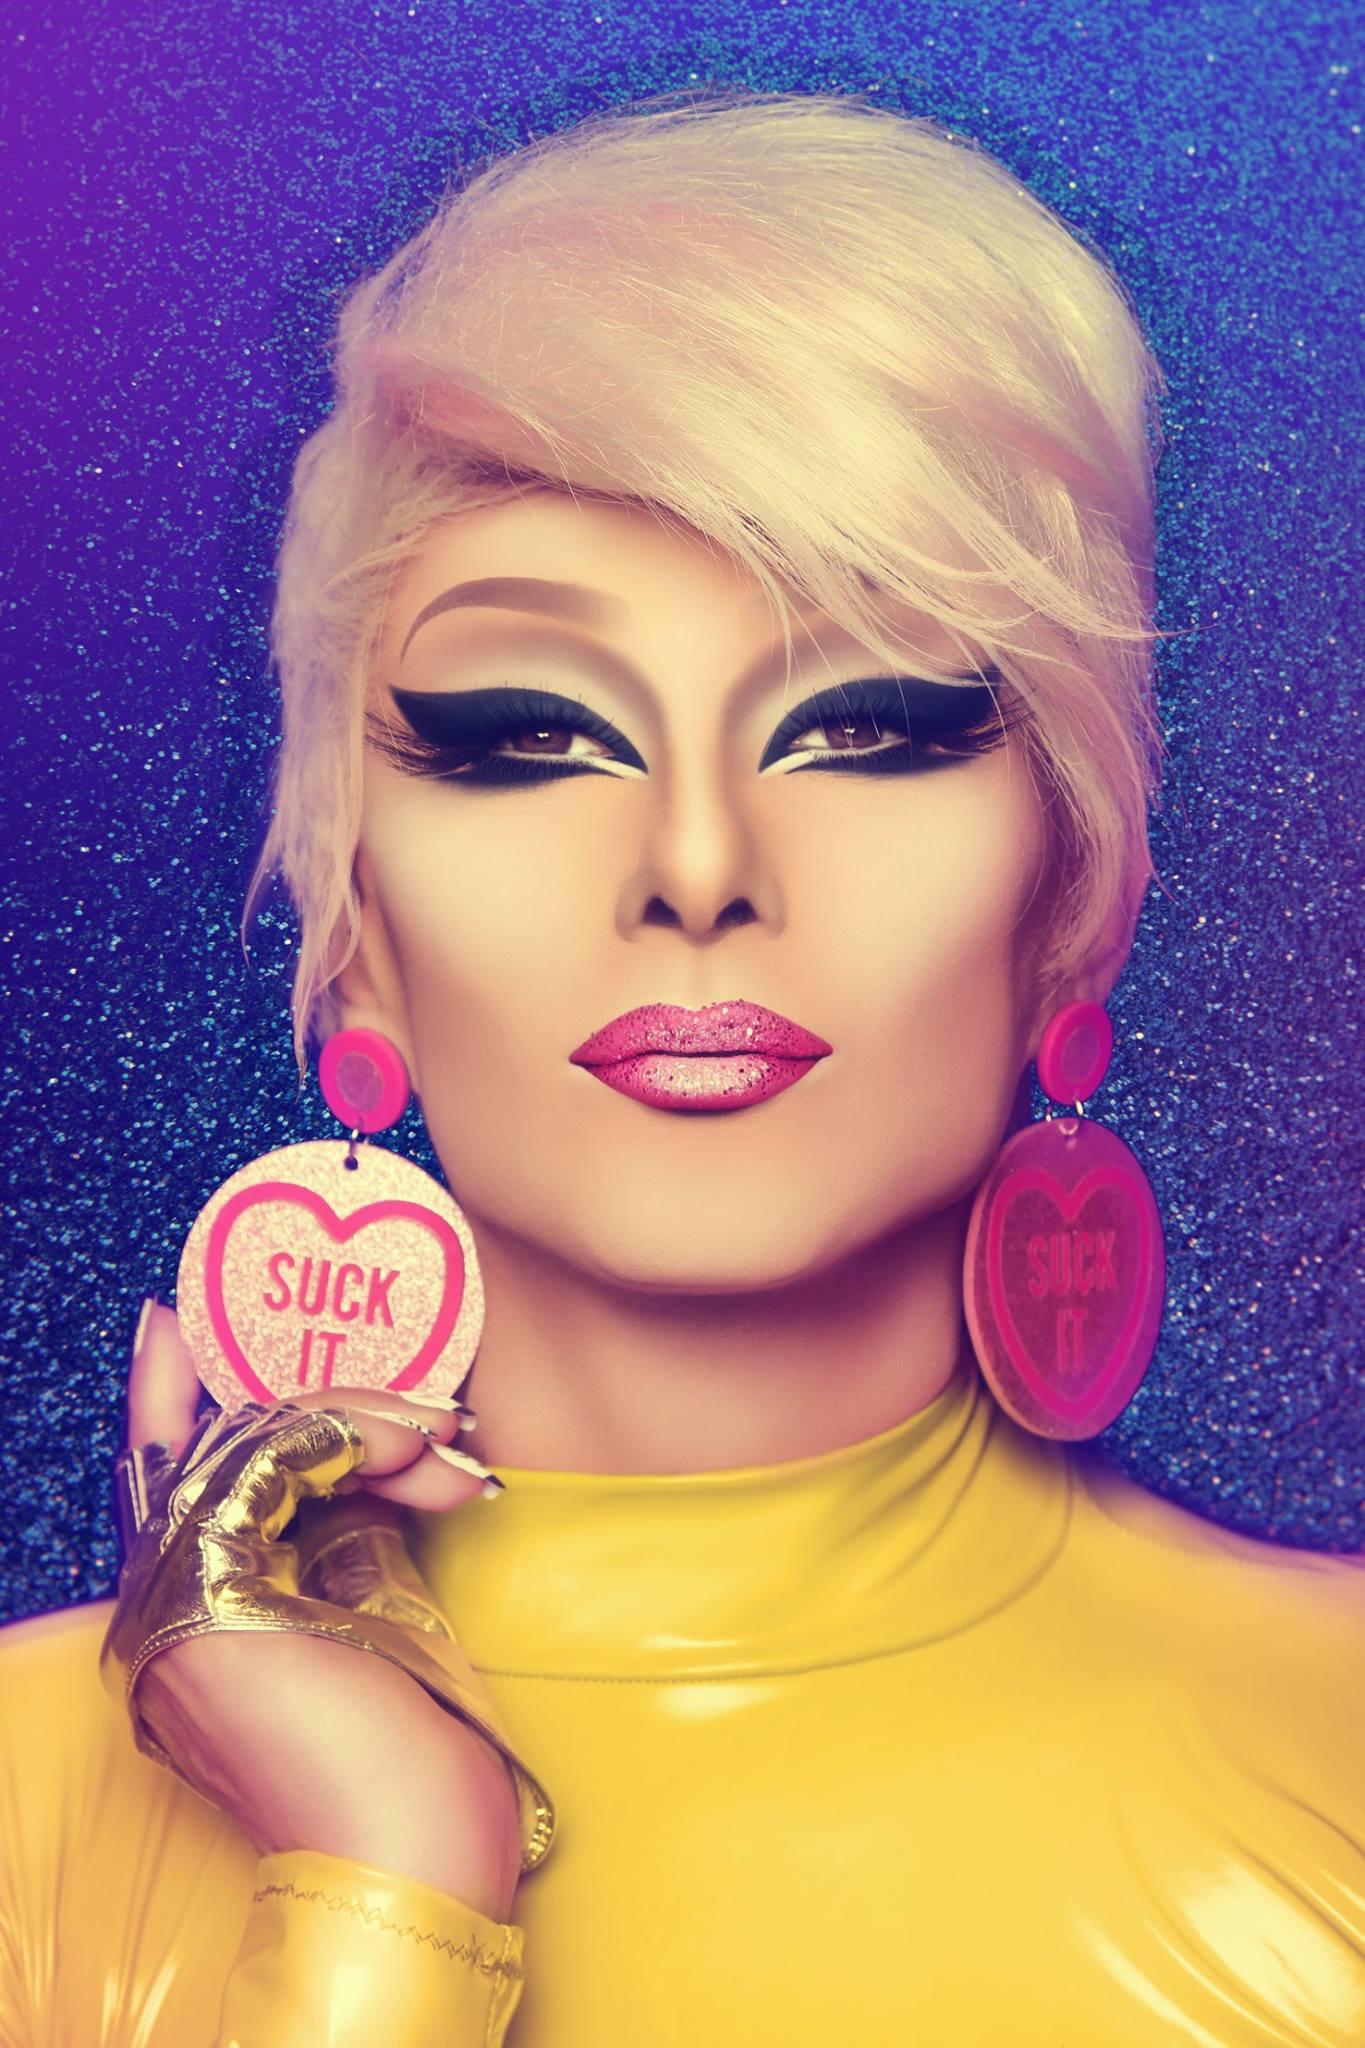 Kitty Glitter - Photo by Fernando Barraza Creative